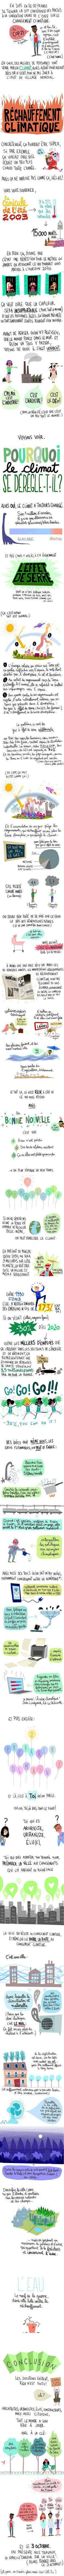 [Infographie] Comprendre le Changement Climatique avec Pénélope Bagieu